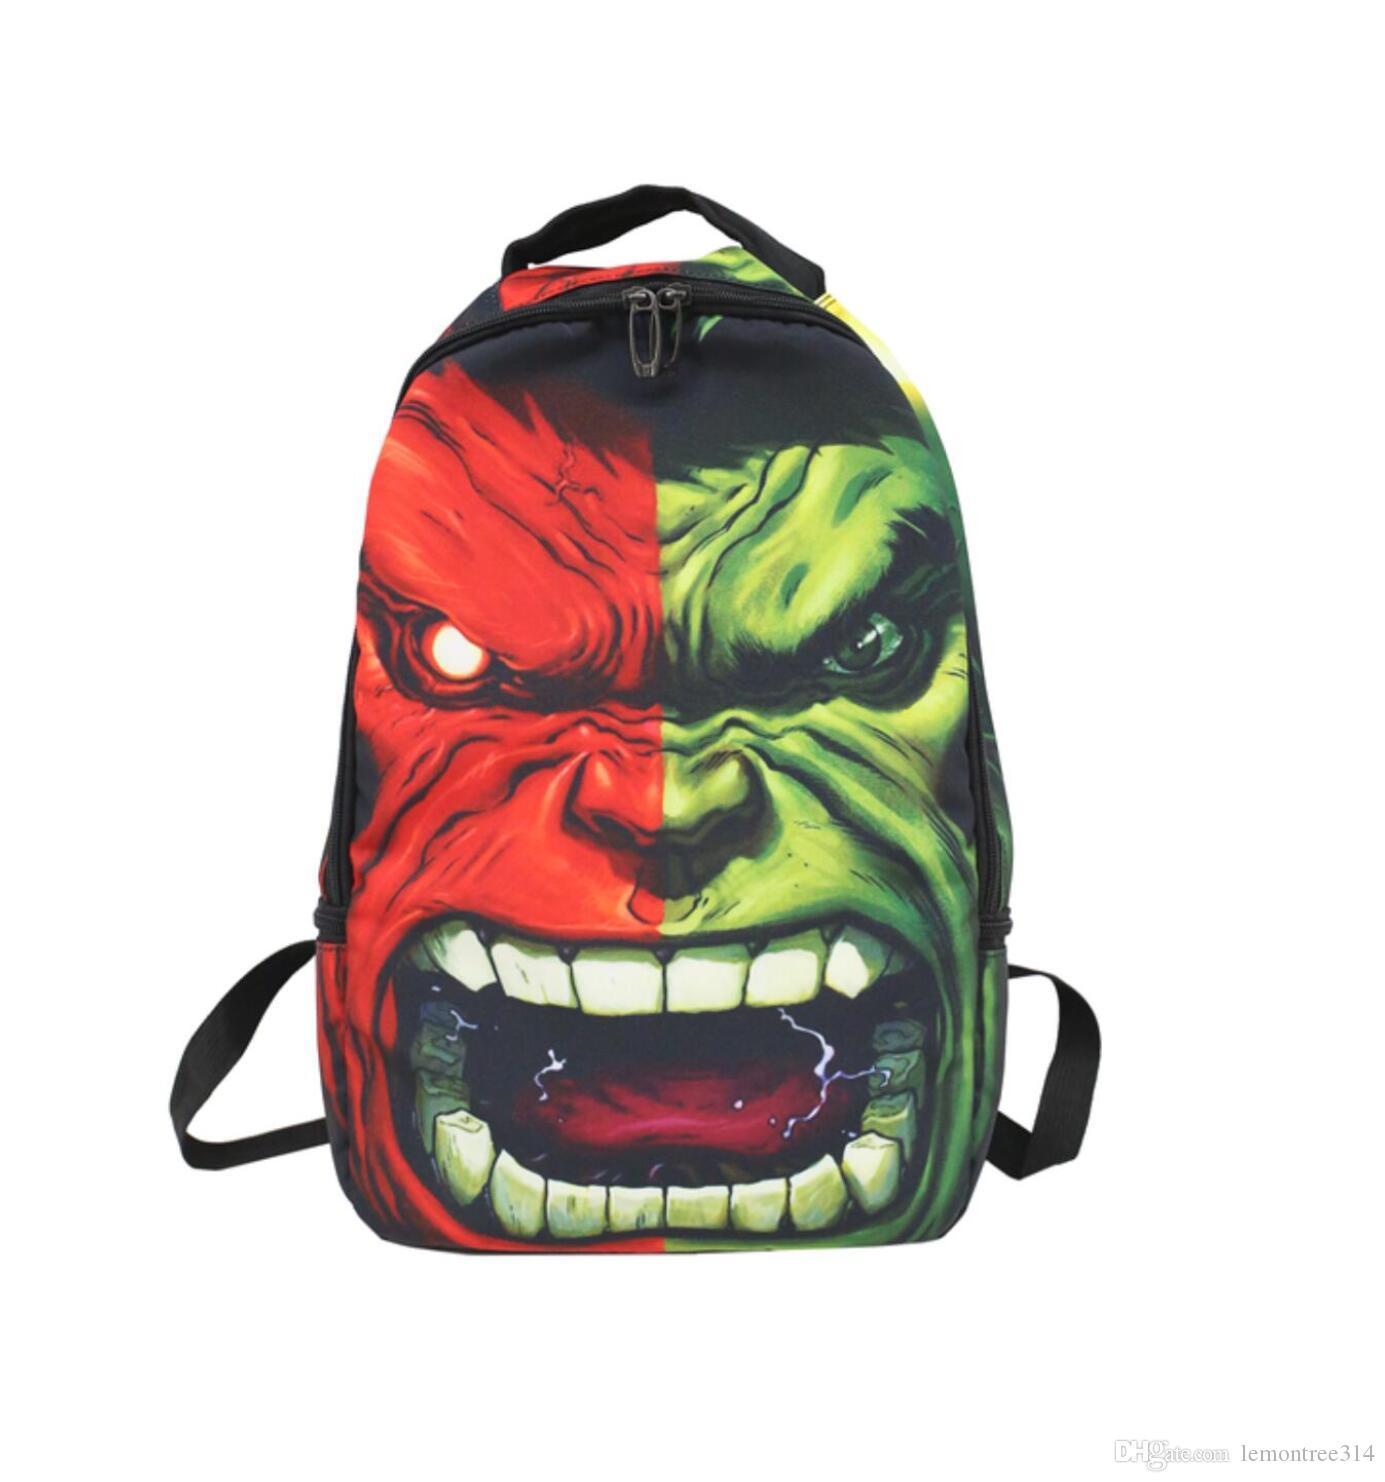 Мужская женская рюкзак мультфильм мода холст сумка панк путешествия школа Оксфорд сумки унисекс 3D плечи сумки повседневная сумка высокой емкости